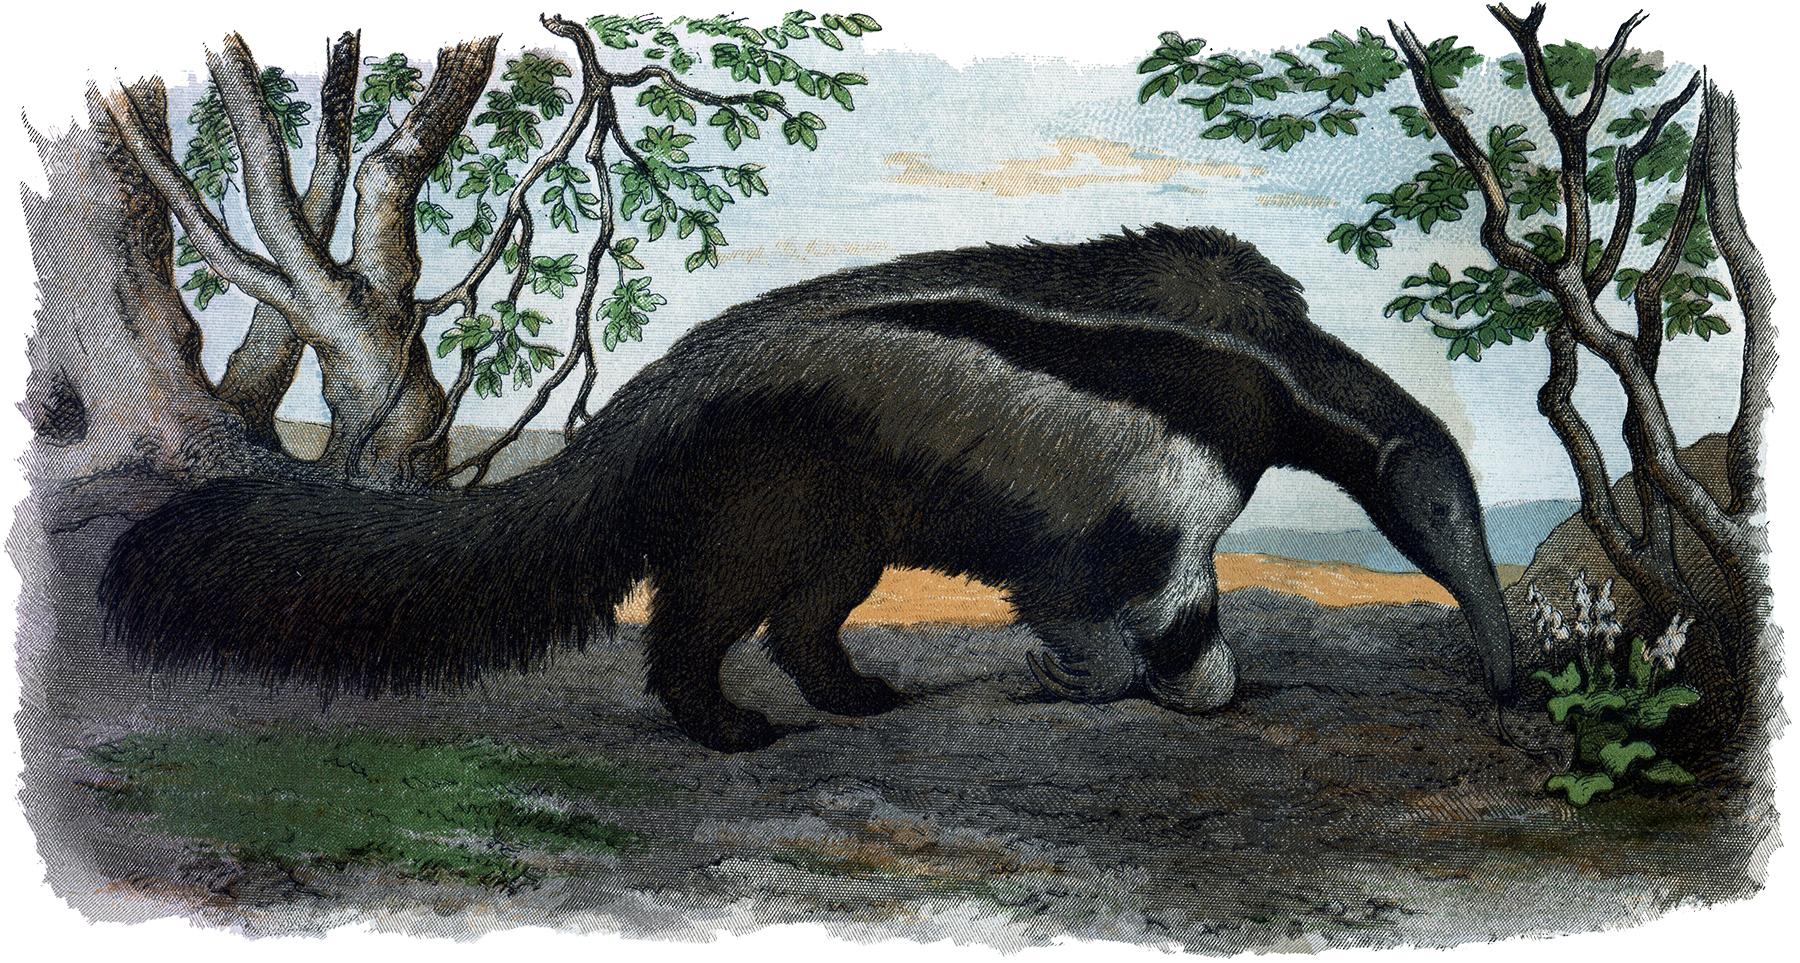 Vintage Anteater Image